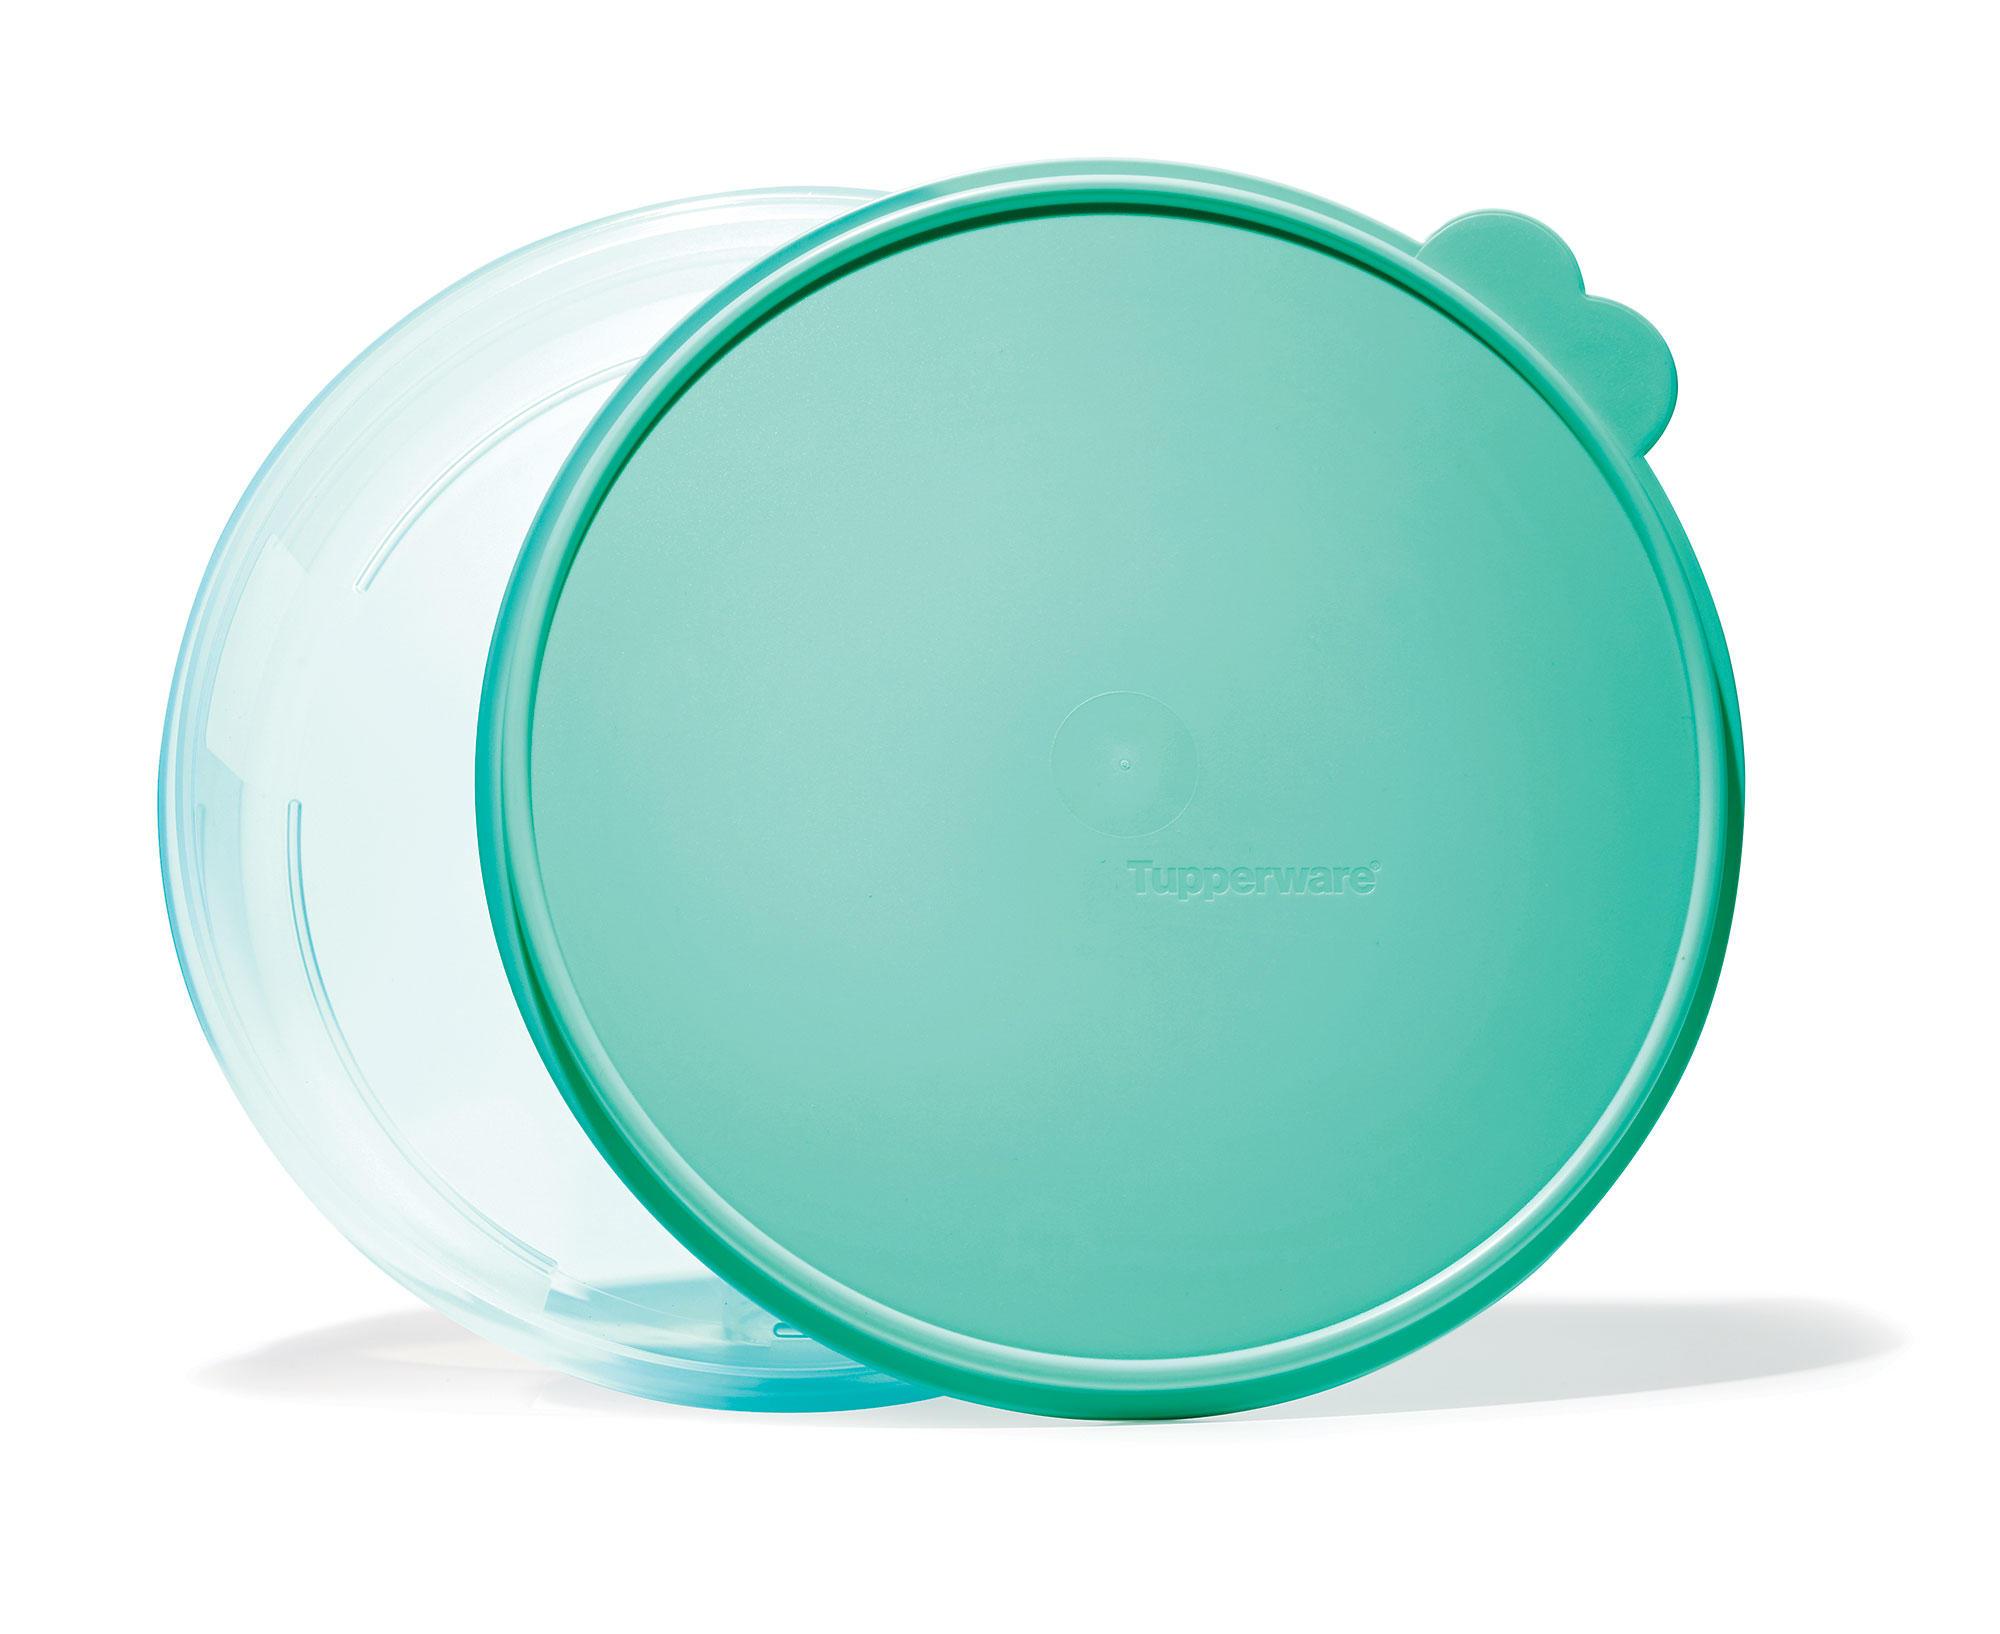 Tupperware Round Container